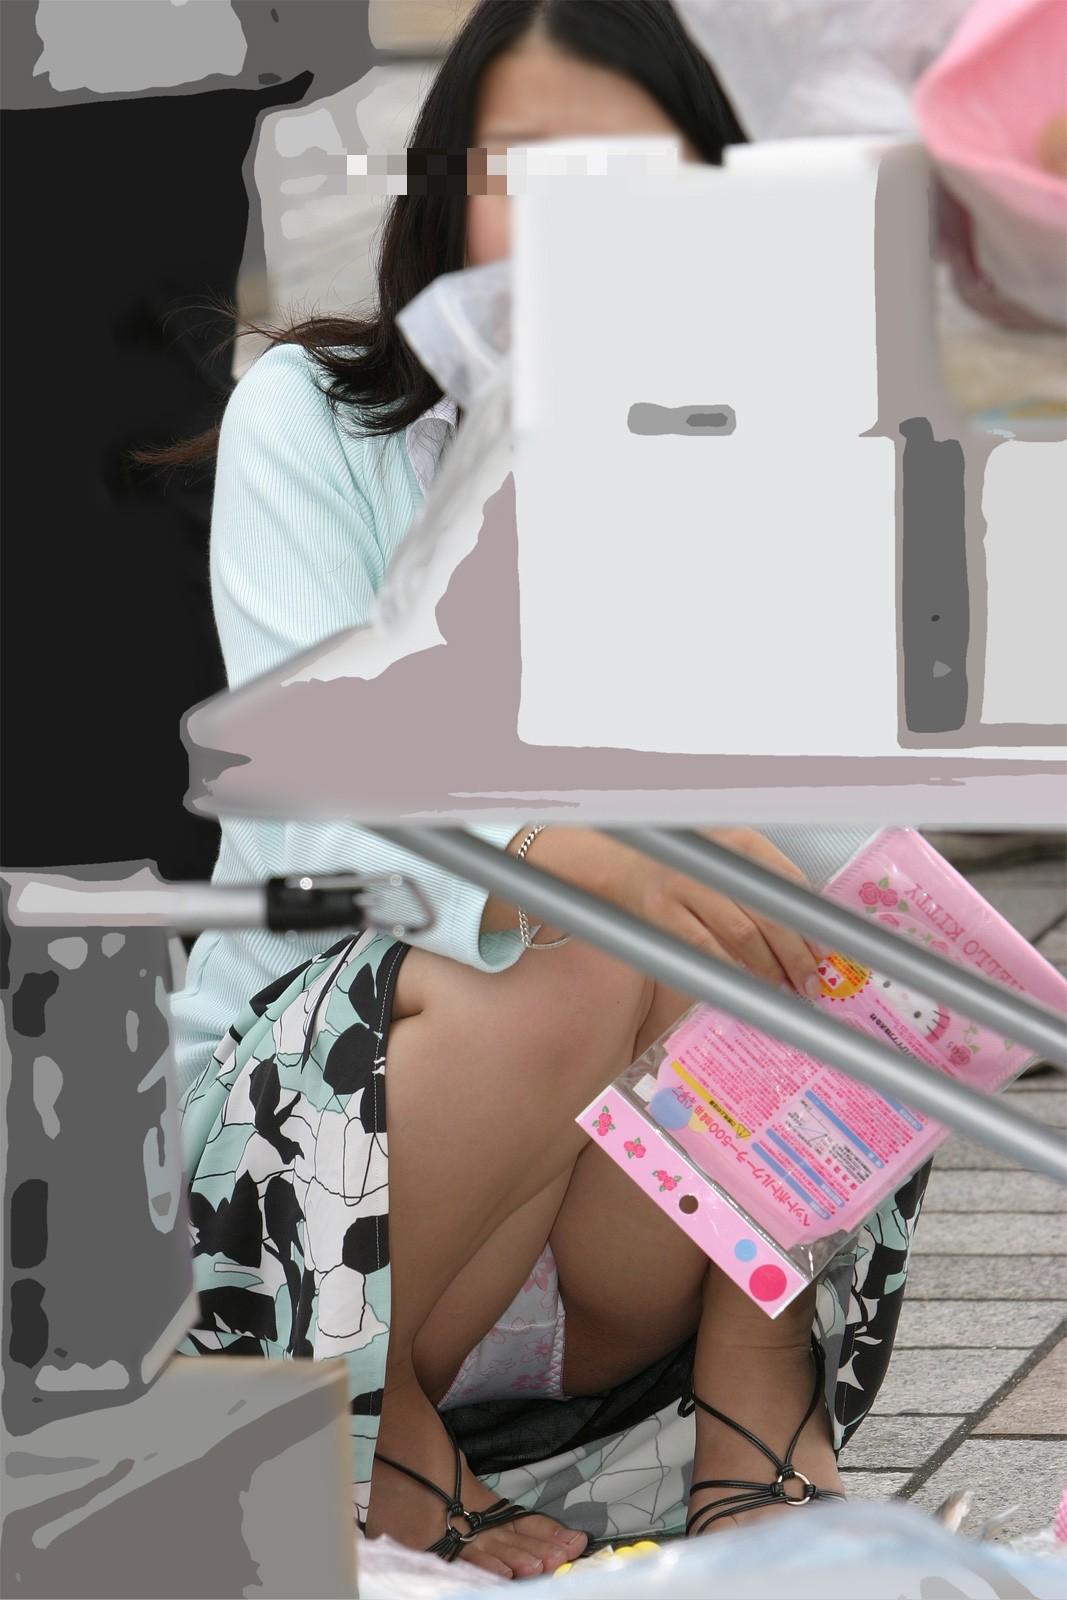 「パンツ見えても別に減るもんじゃないし…」街中でパンツ丸見えしてる女にアンケートしたら8割がこう返答したwwwwwwwwwwwwwwww(写真あり)